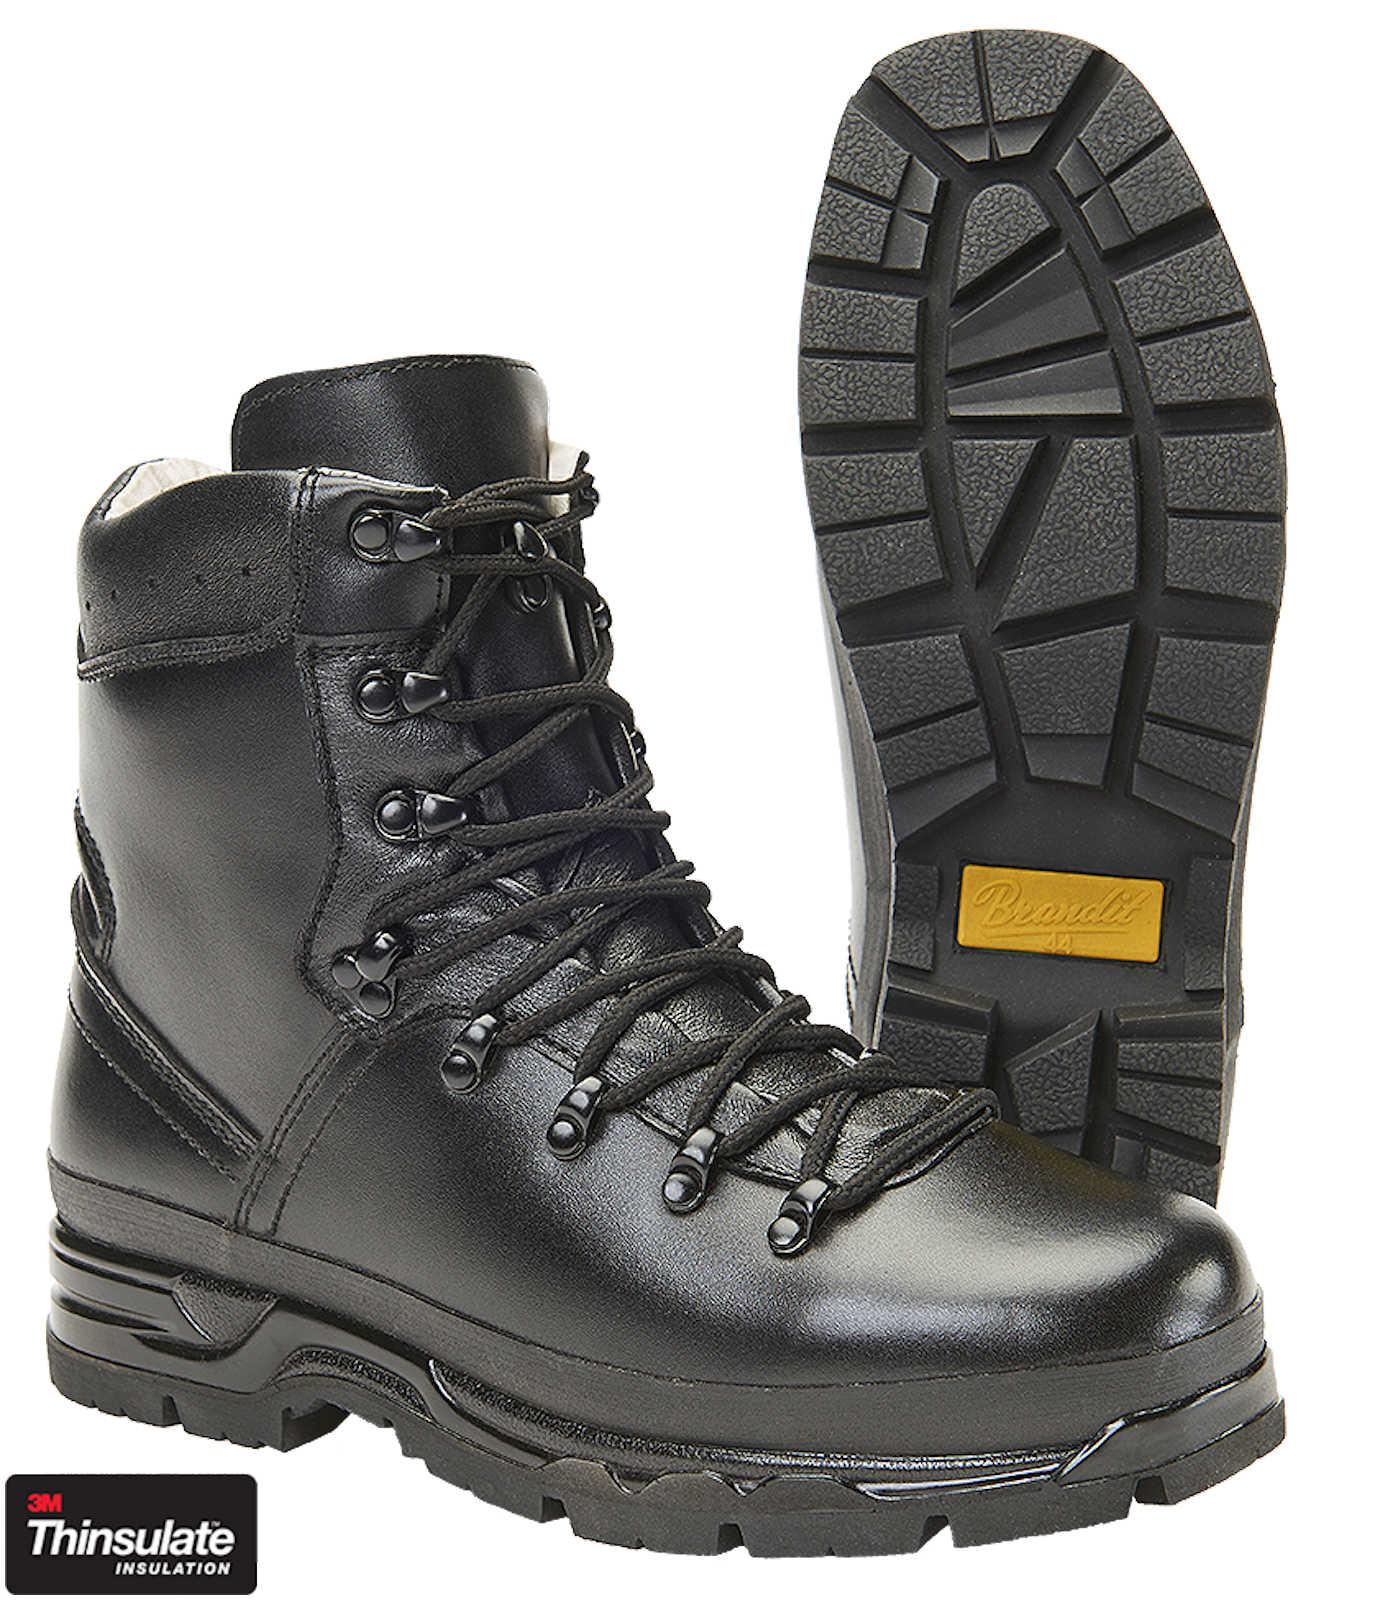 Brandit 9038 Herren BW Bergschuh 9038 Brandit Stiefel Leder Wandern Taktische Outdoor Schuhe 84ed25